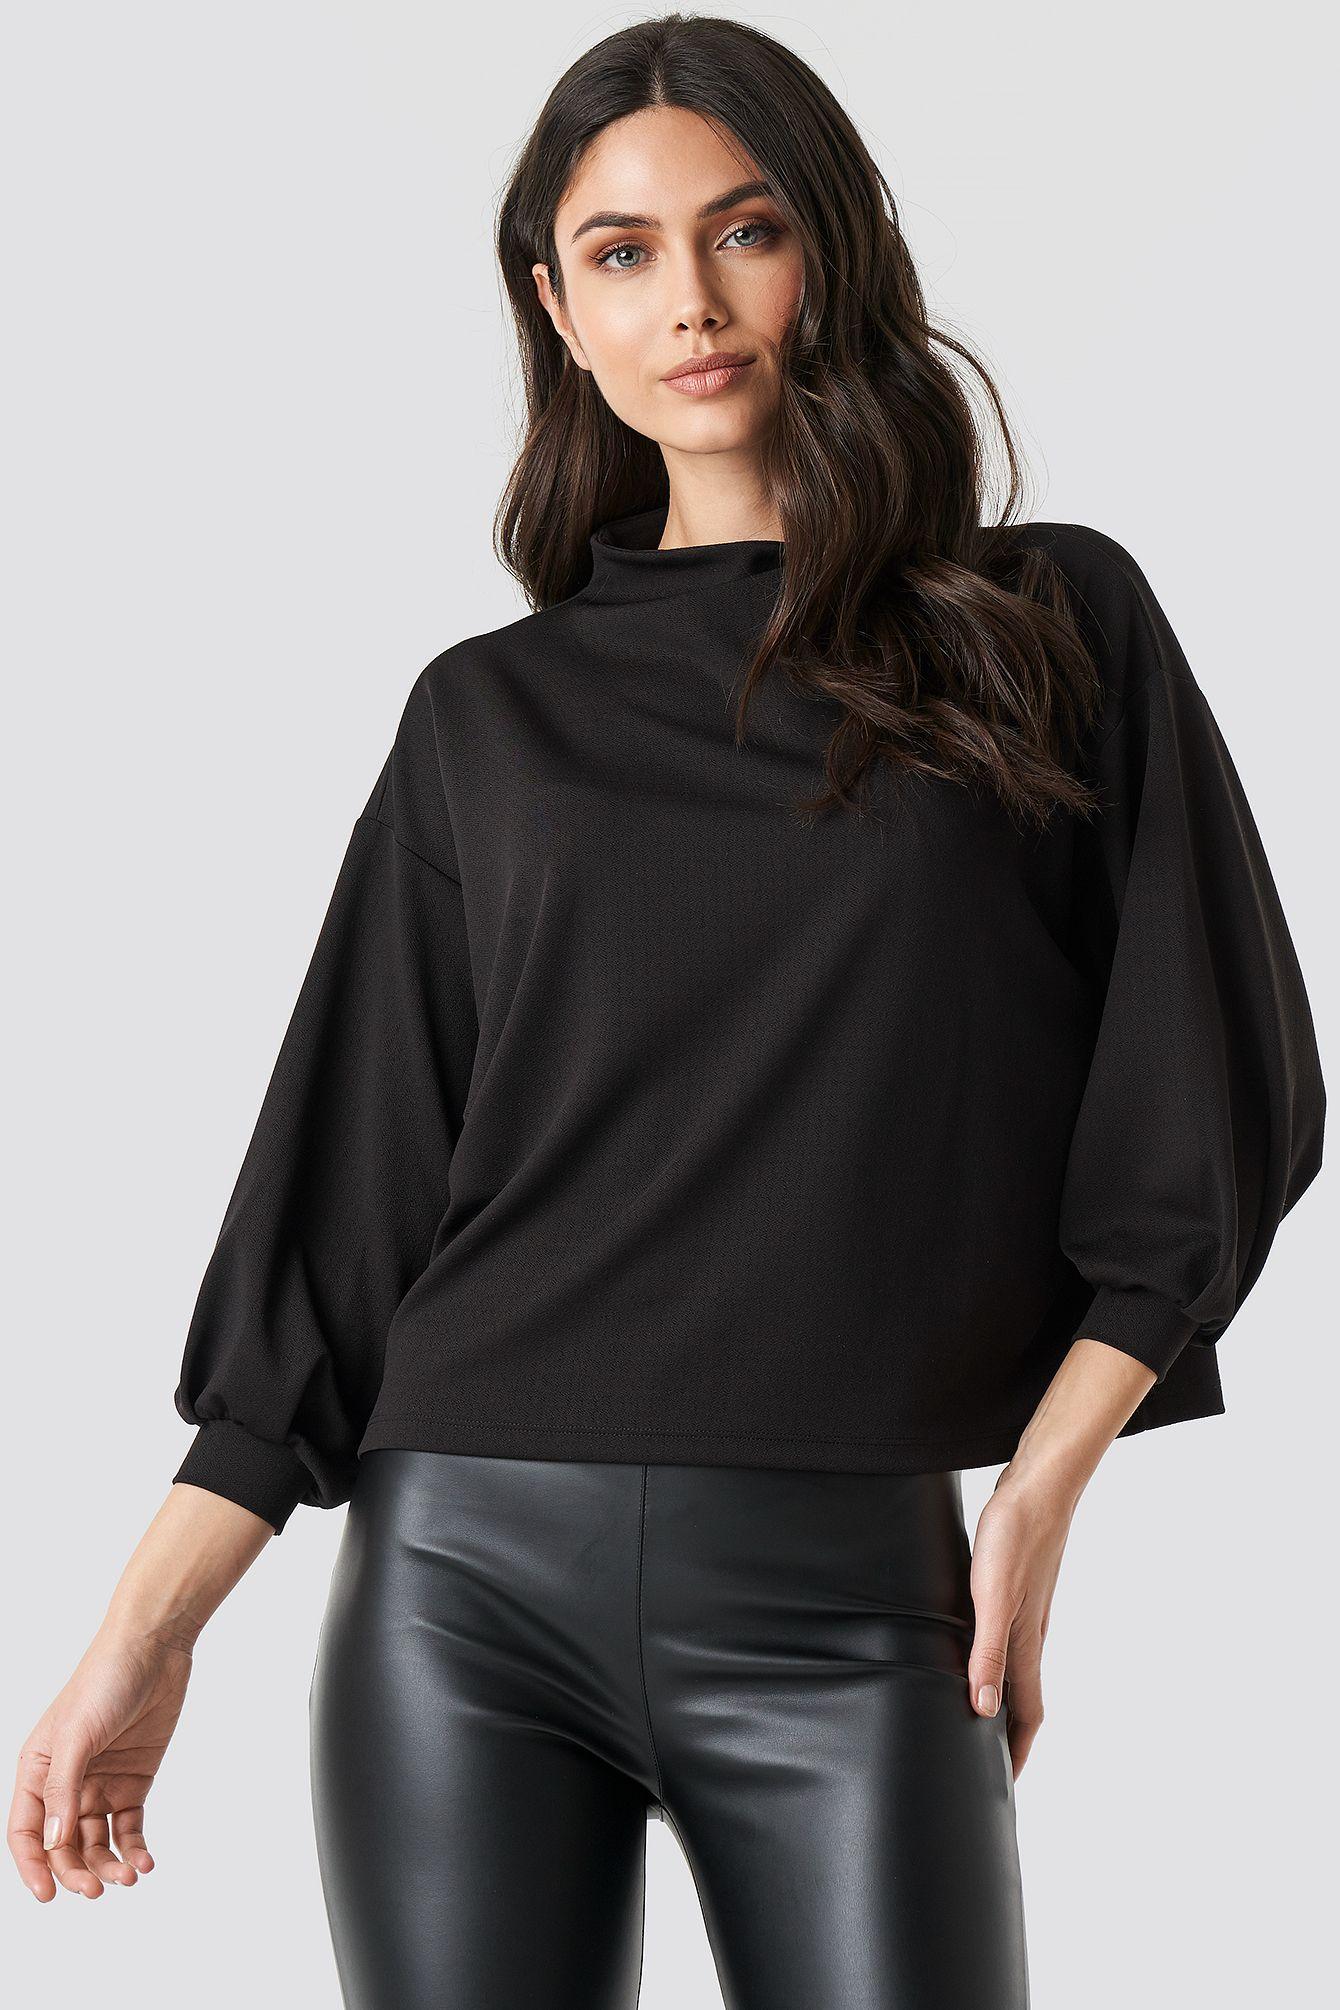 Boxy 3/4 Sleeve Top in 2020 | Top schwarz, Rollkragen, Outfit